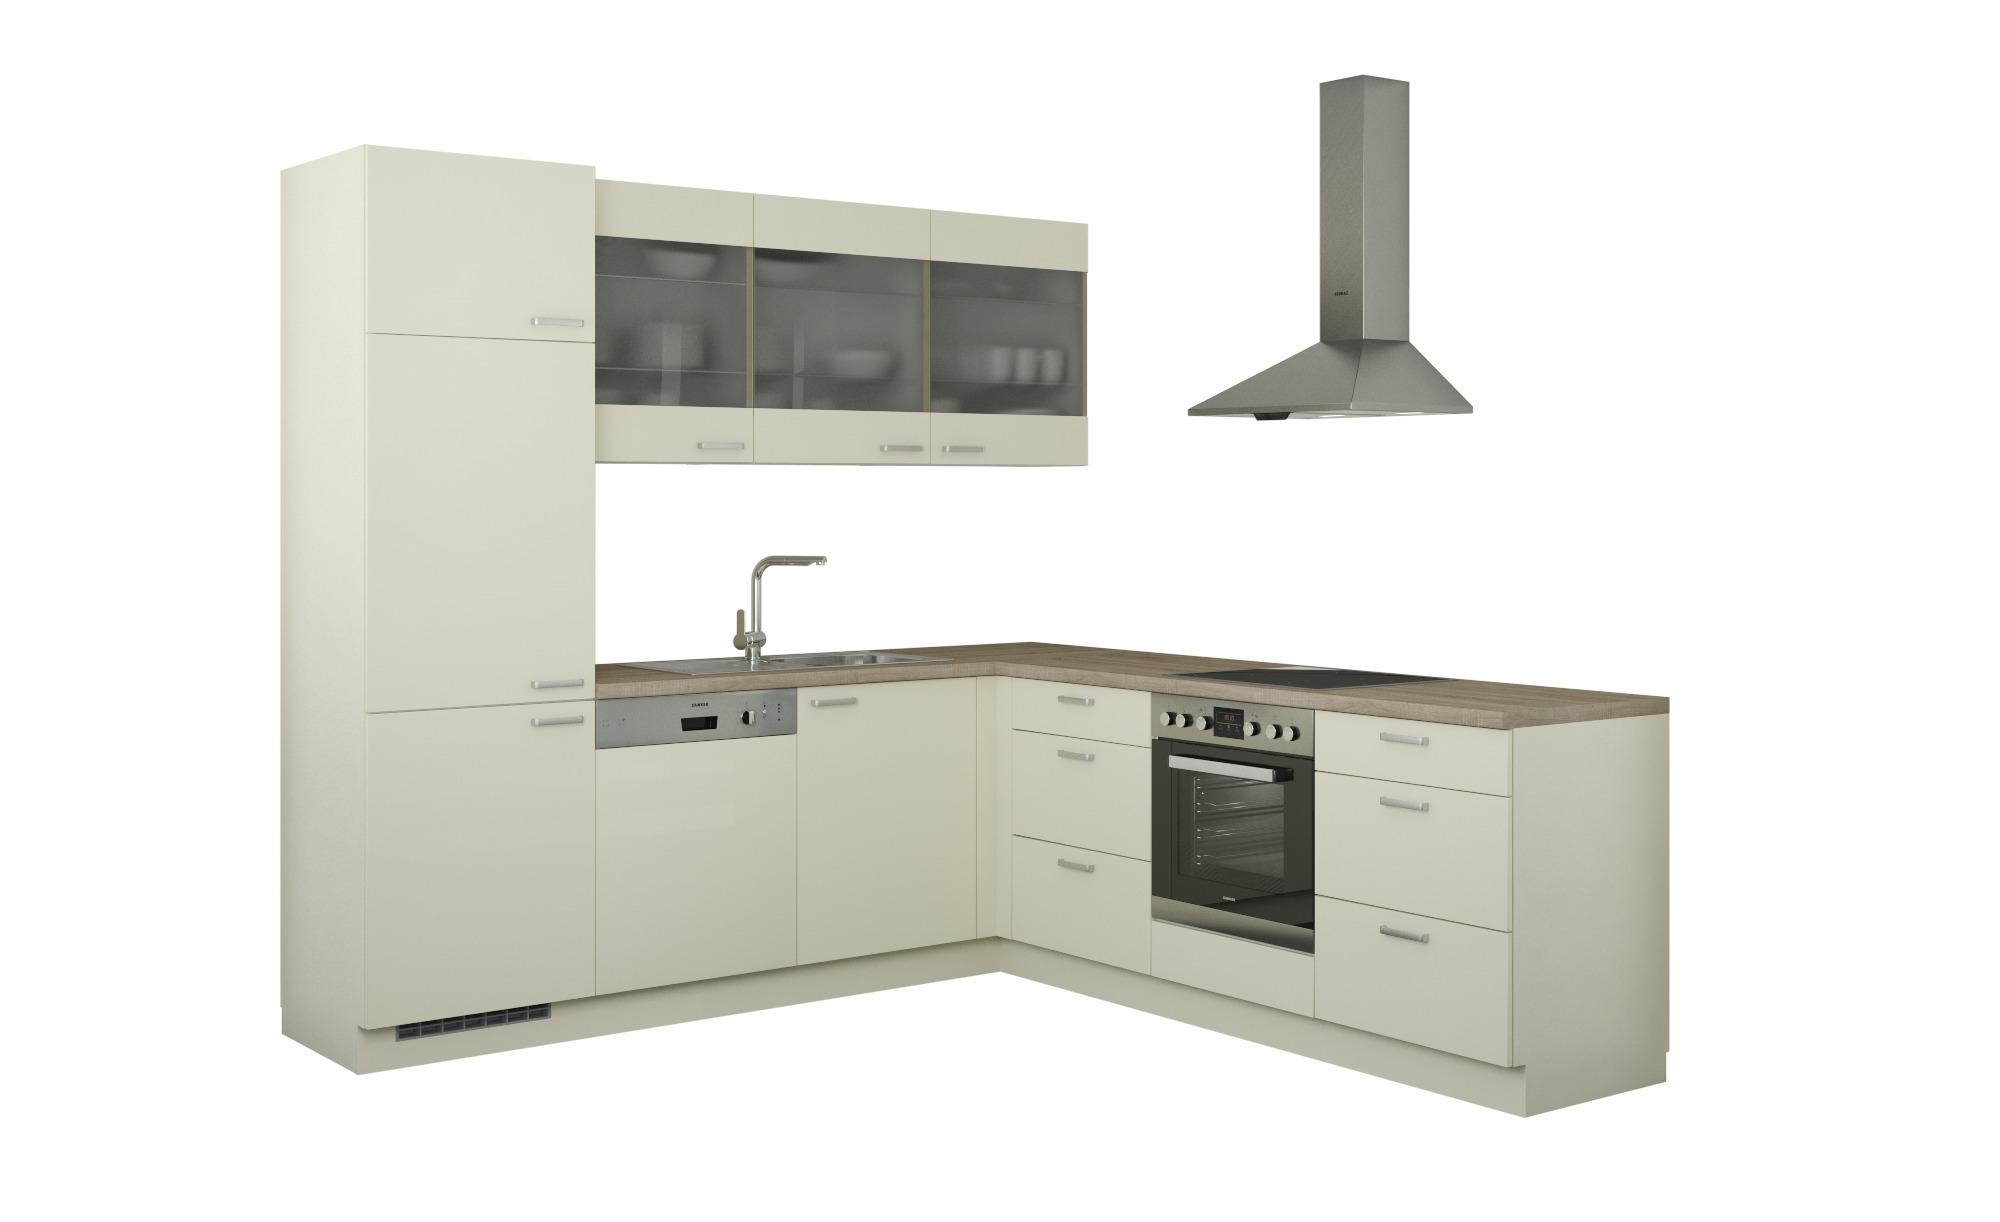 Winkelküche ohne Elektrogeräte  Sylt ¦ creme Küchen > Küchenblöcke - Höffner | Küche und Esszimmer > Küchen | Creme | Holzwerkstoff - Glas | Möbel Höffner DE